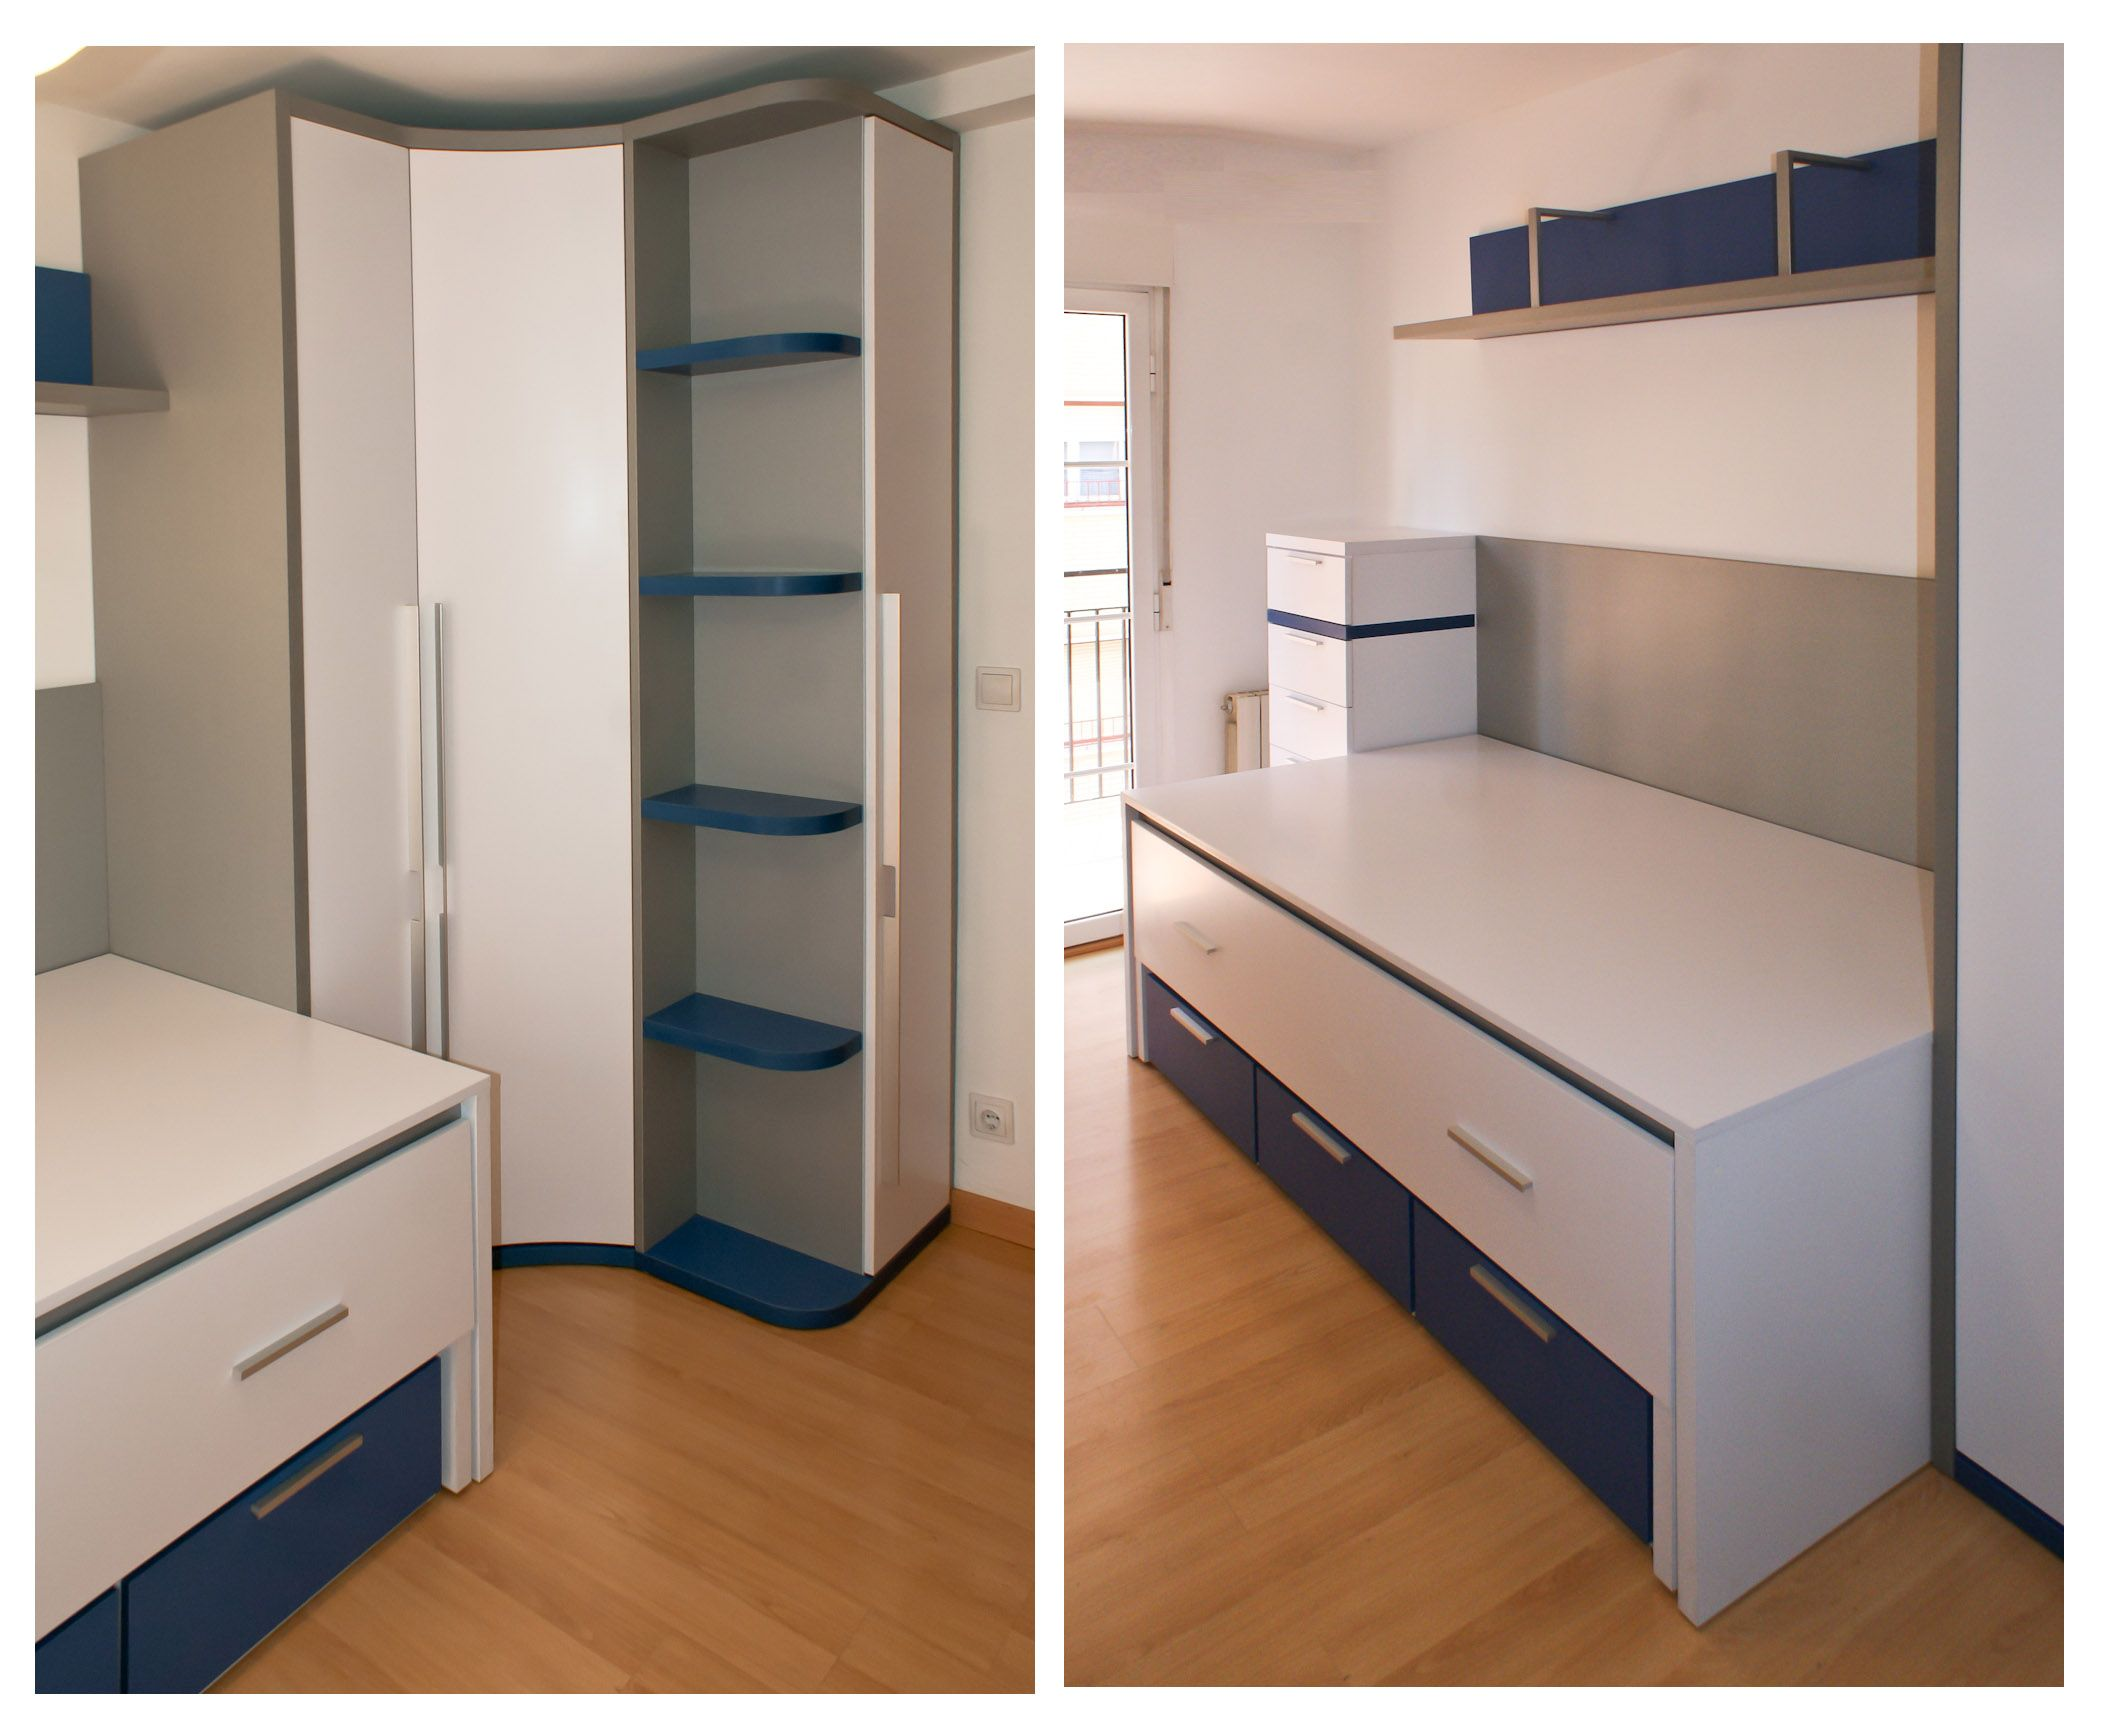 Novedades en soluciones mueble juvenil dormitorio juvenil for Mueble zapatero esquinero